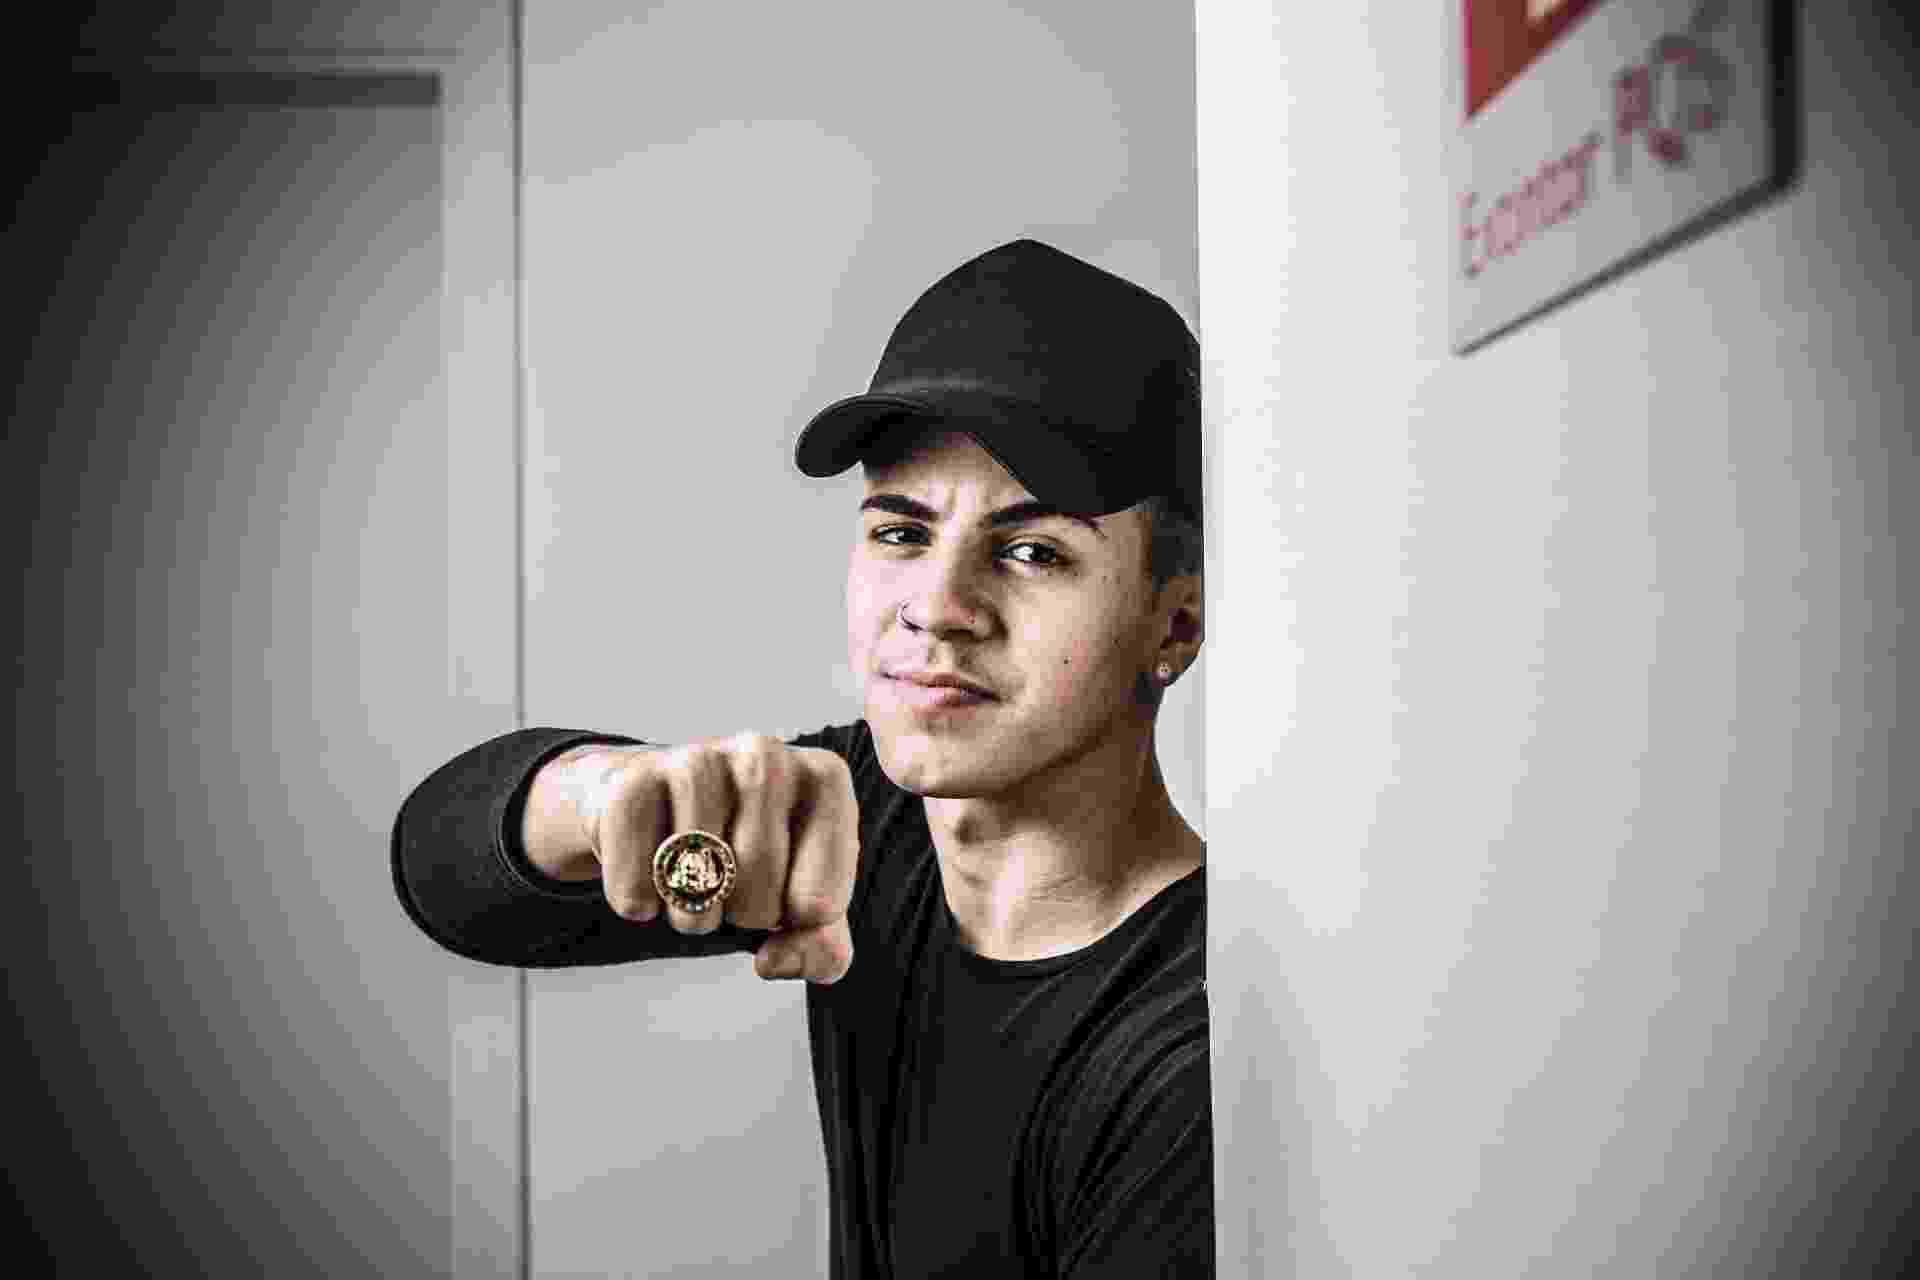 O cantor Biel, 21, anunciou que dará um tempo na carreira. A decisão foi o recurso derradeiro diante de uma polêmica iniciada em junho, quando uma jornalista o denunciou por assédio sexual, durante uma entrevista. - Lucas Lima/UOL